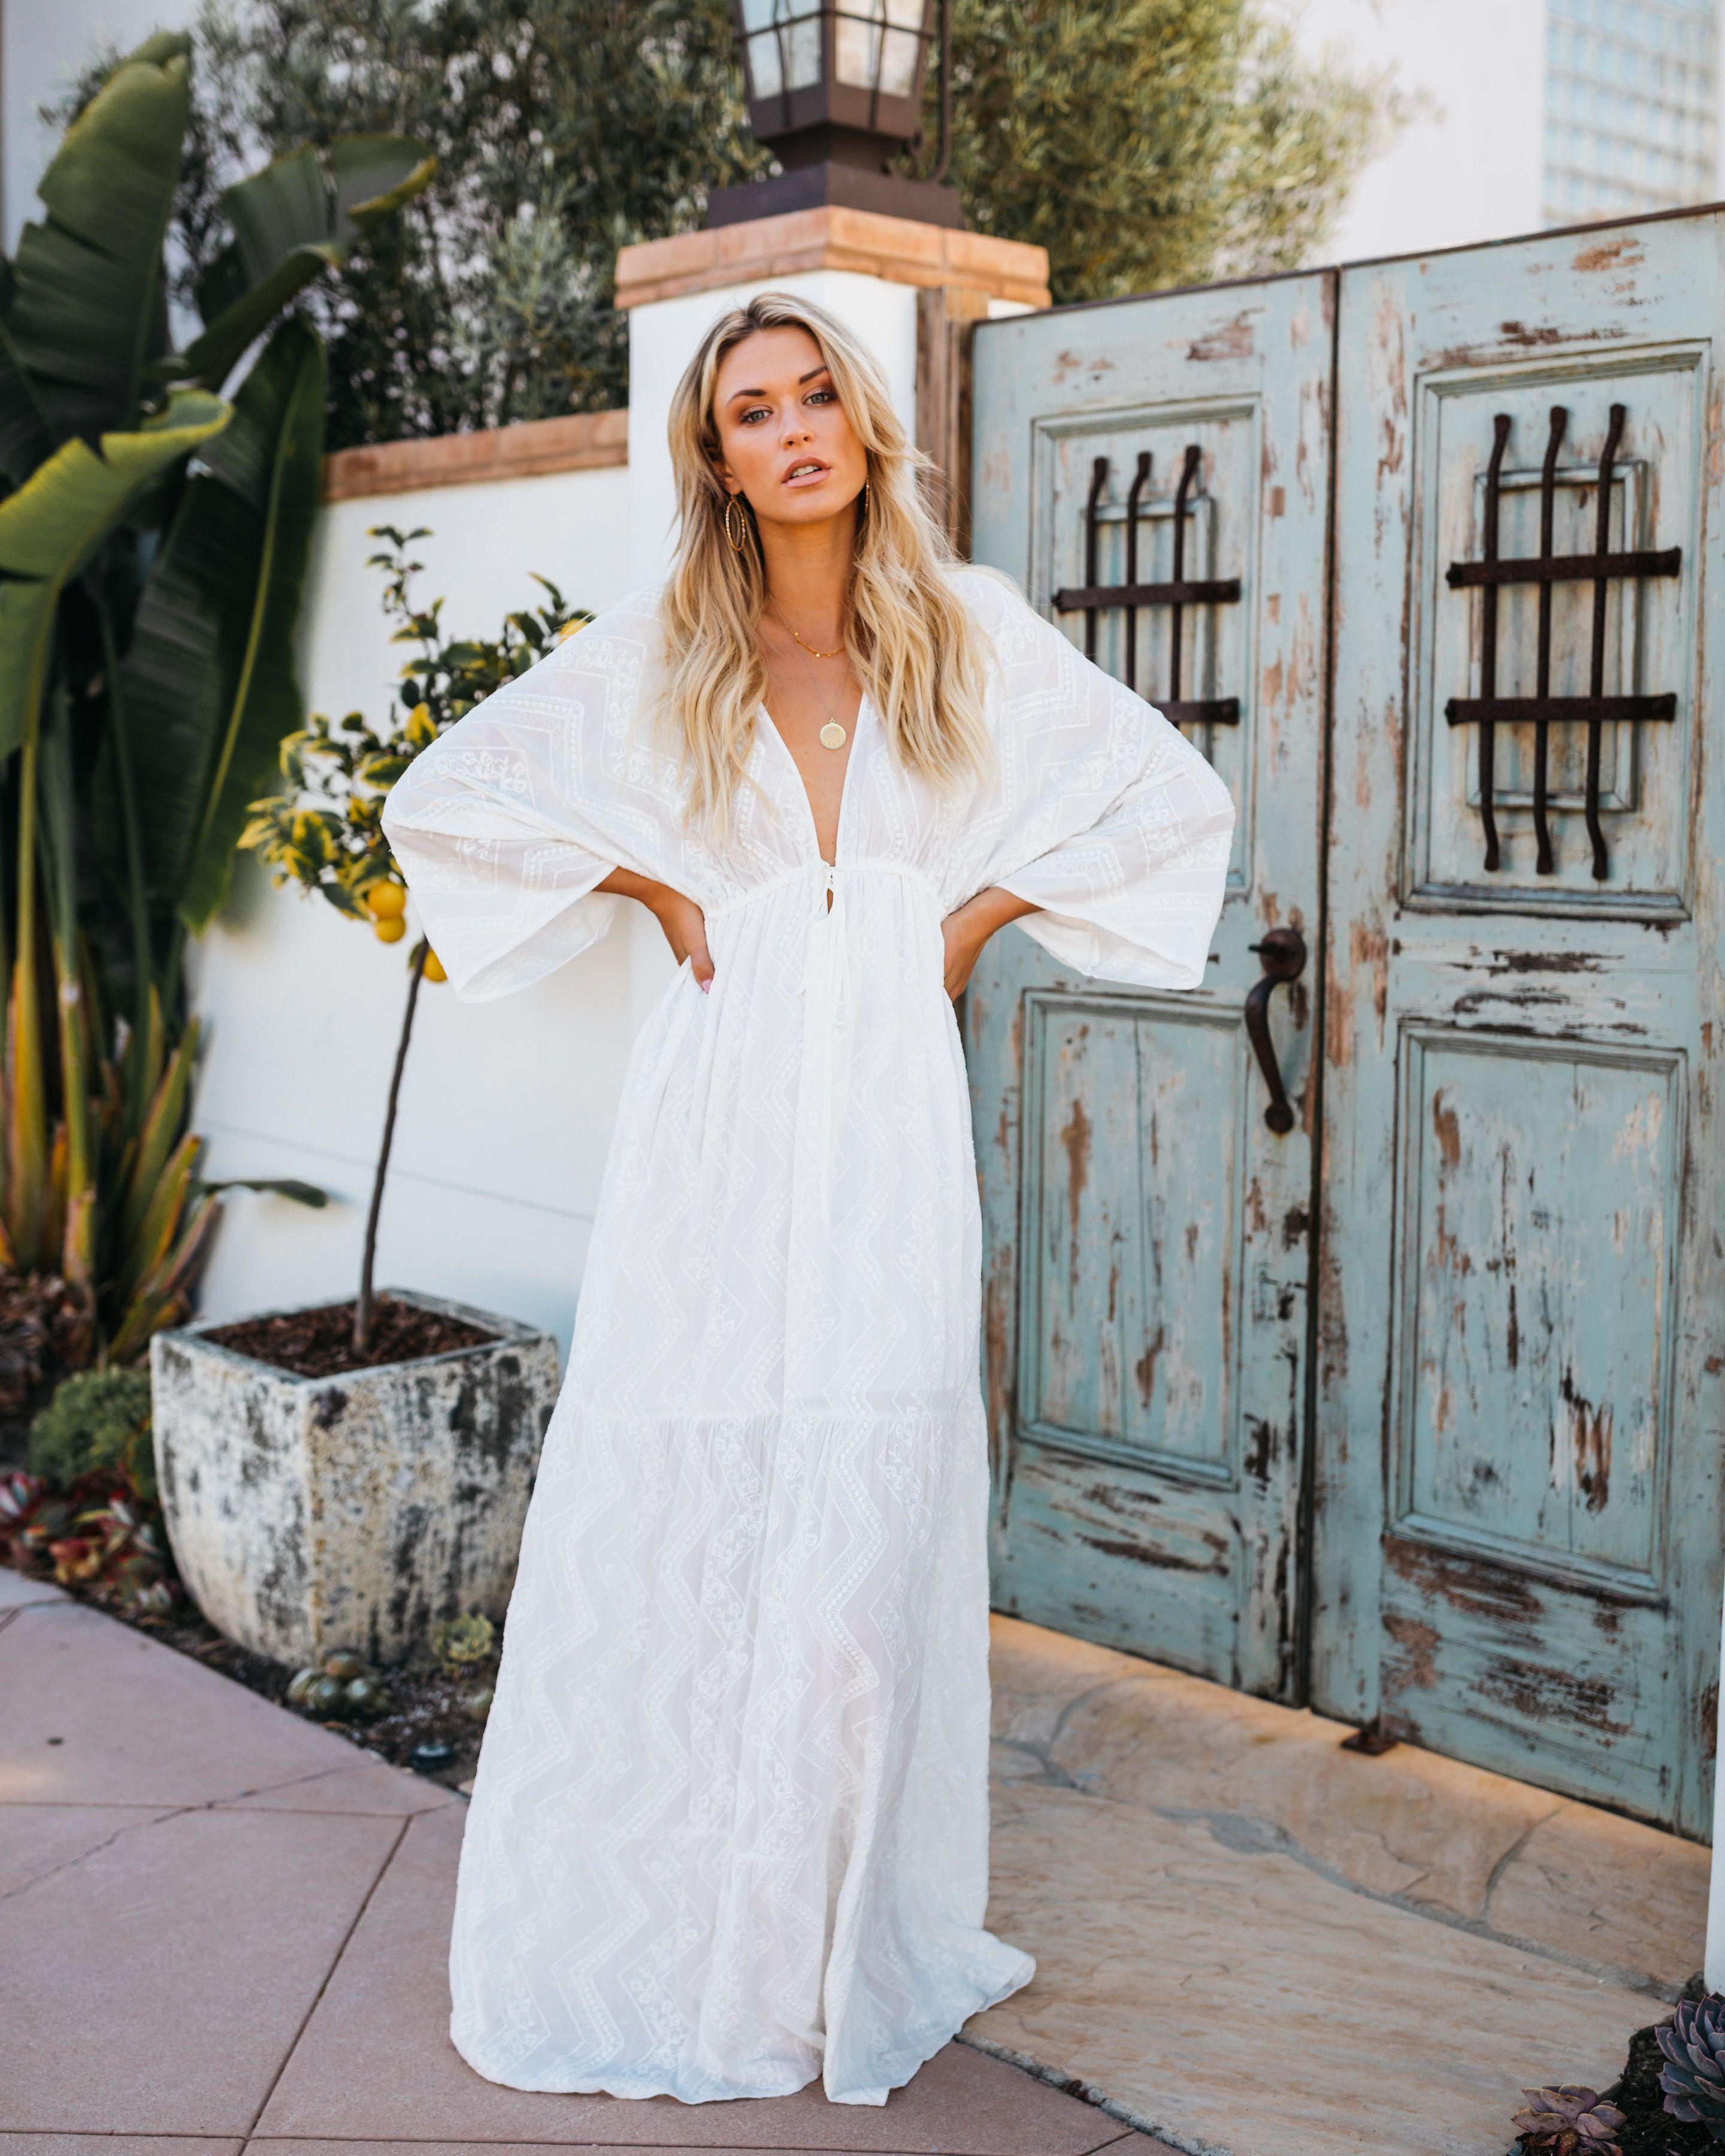 White Sands Beach Embroidered Kimono Maxi Dress Kimono Maxi Dress Dresses White Long Dress Summer [ 3600 x 2880 Pixel ]